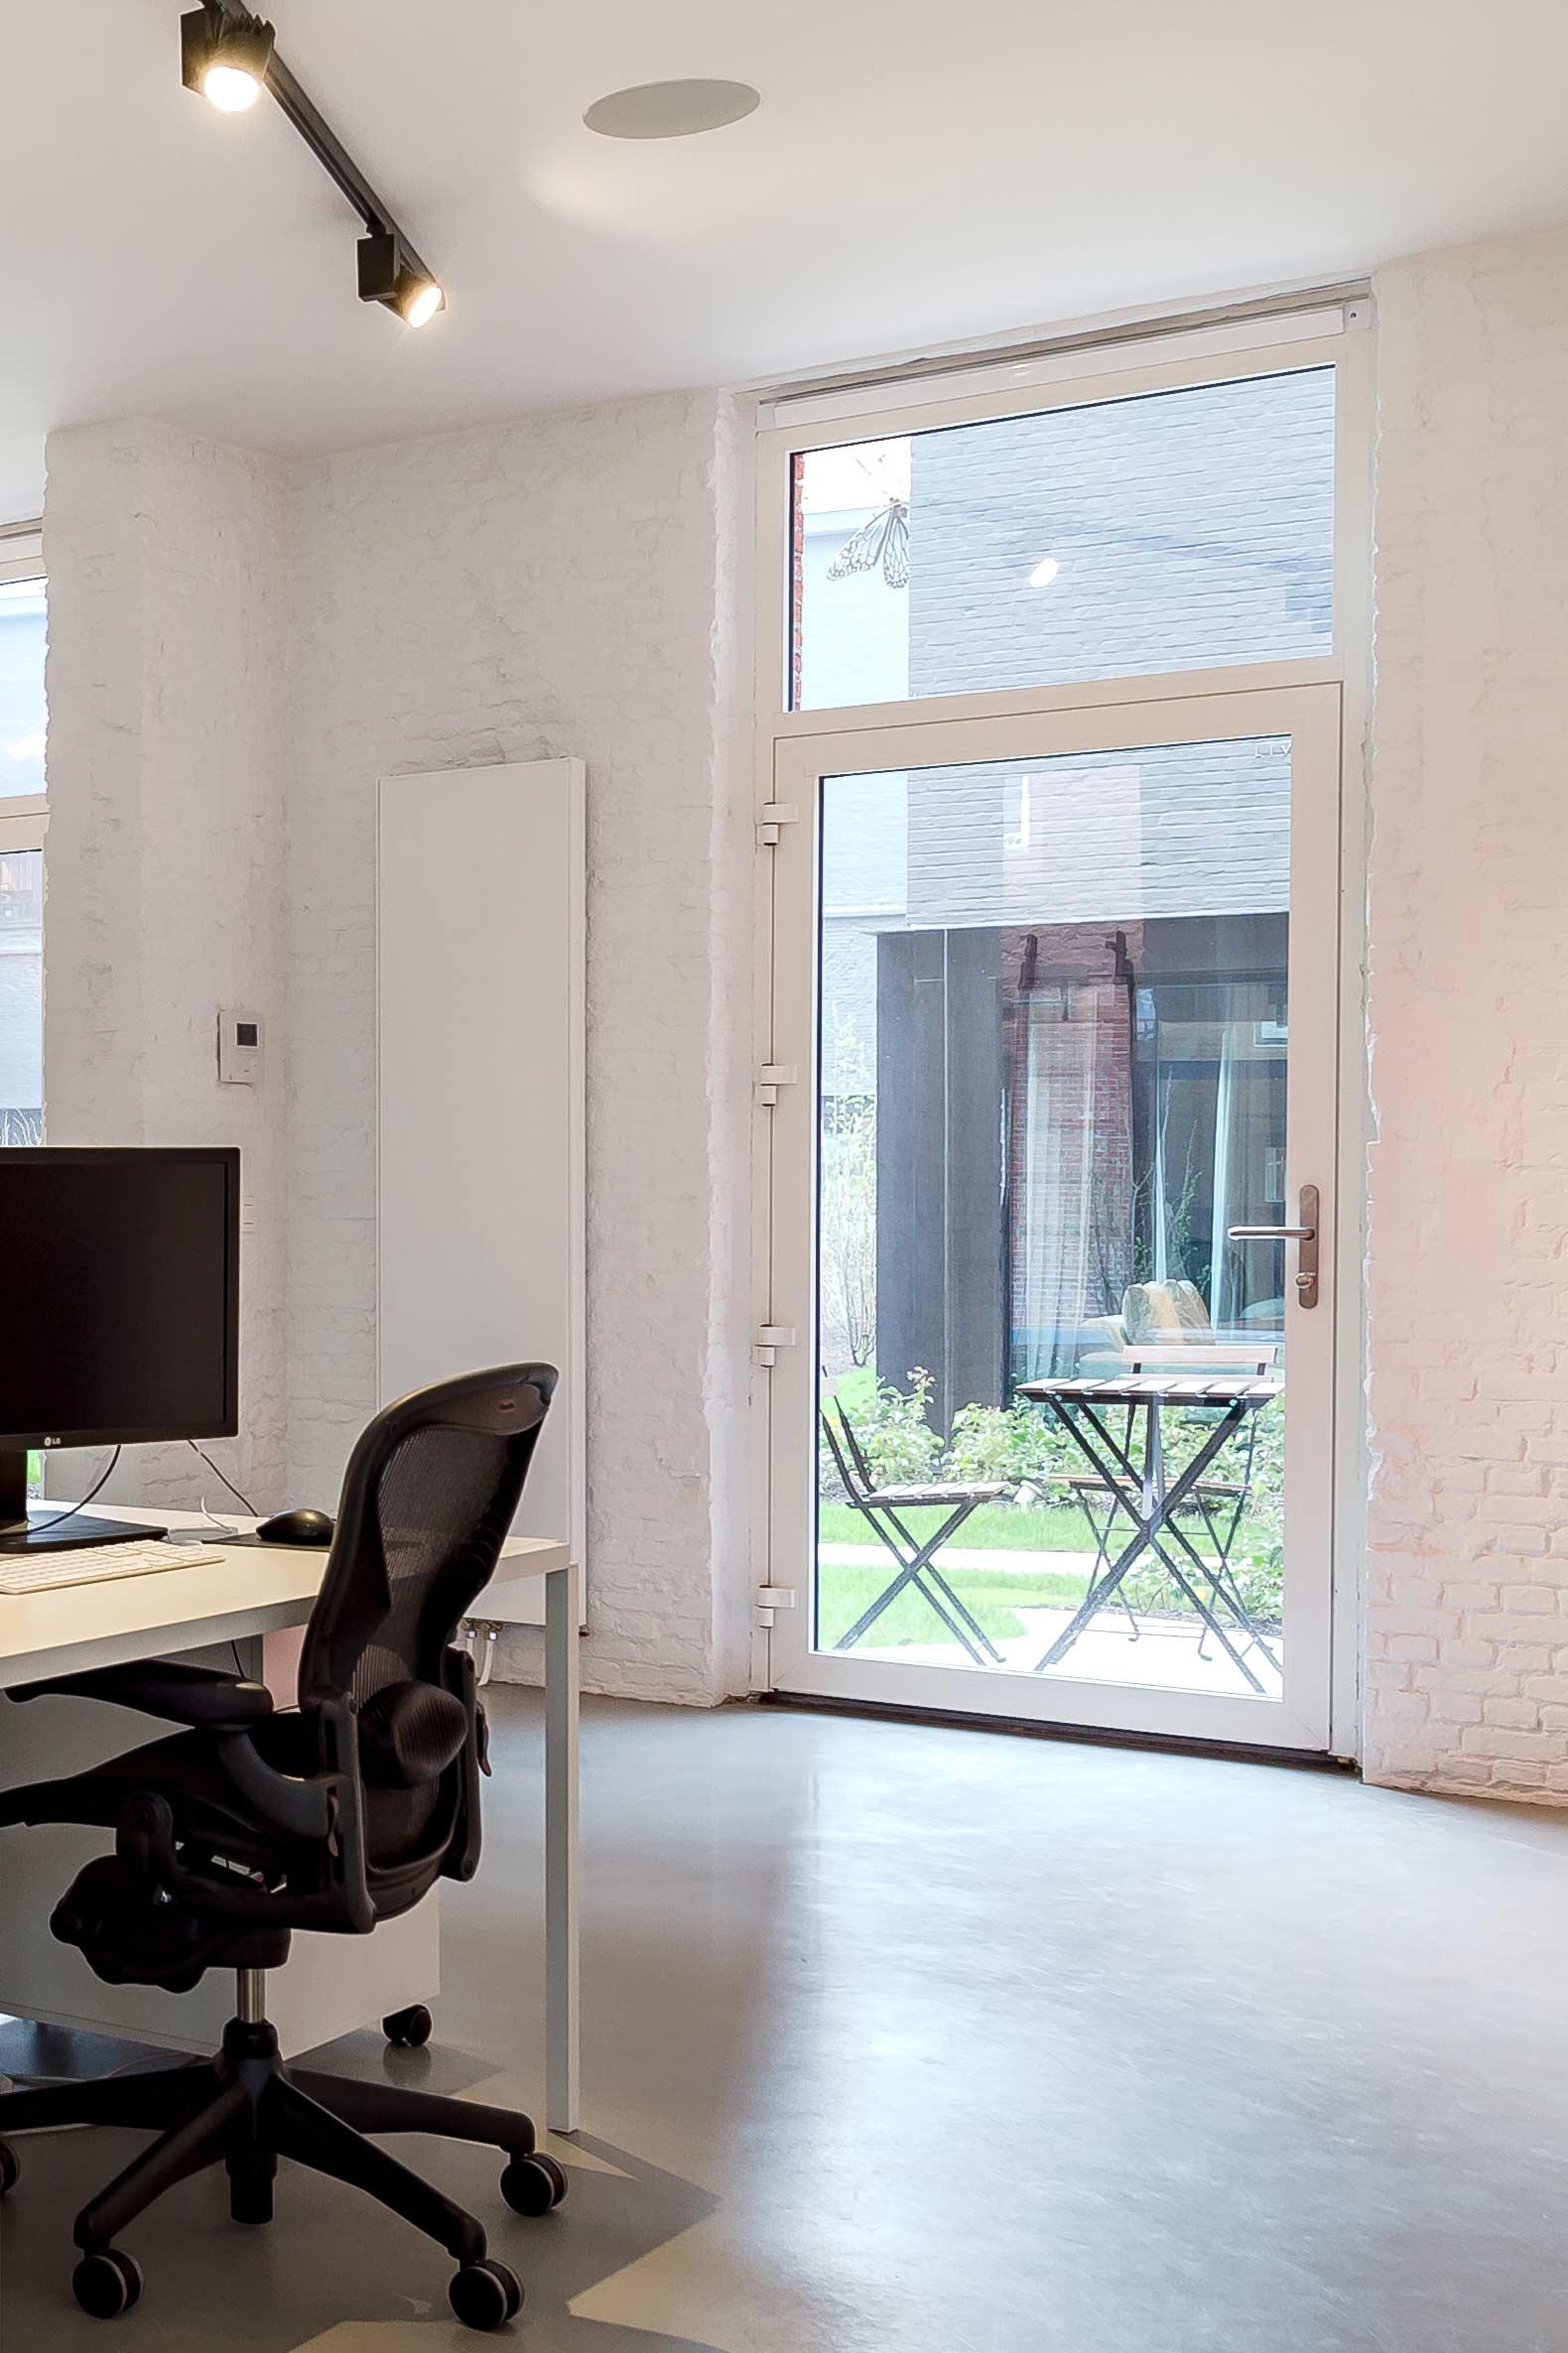 Studio Tolleneer - Office Antwerpen - Rijkswachtkazerne - Hermann Miller Aeron chair bureaustoel